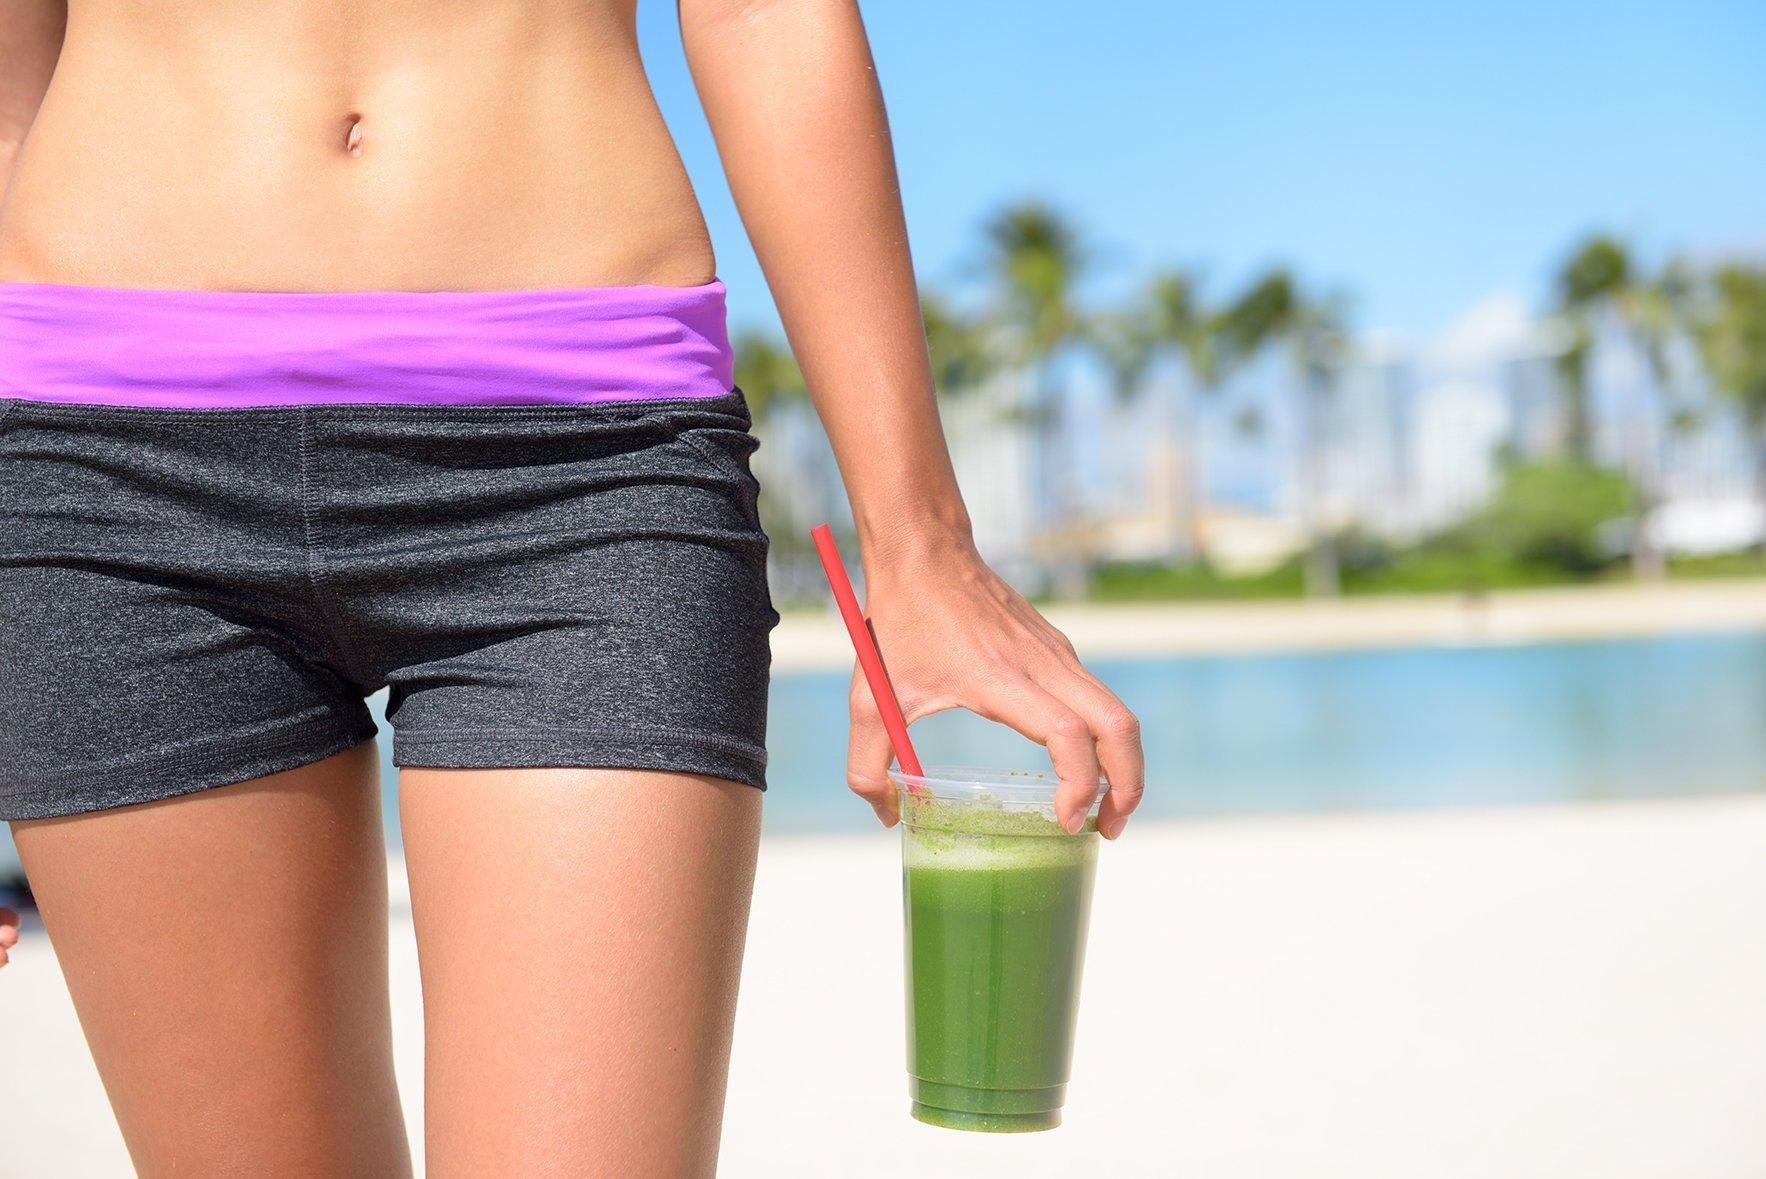 причины скопления жира на животе у женщин